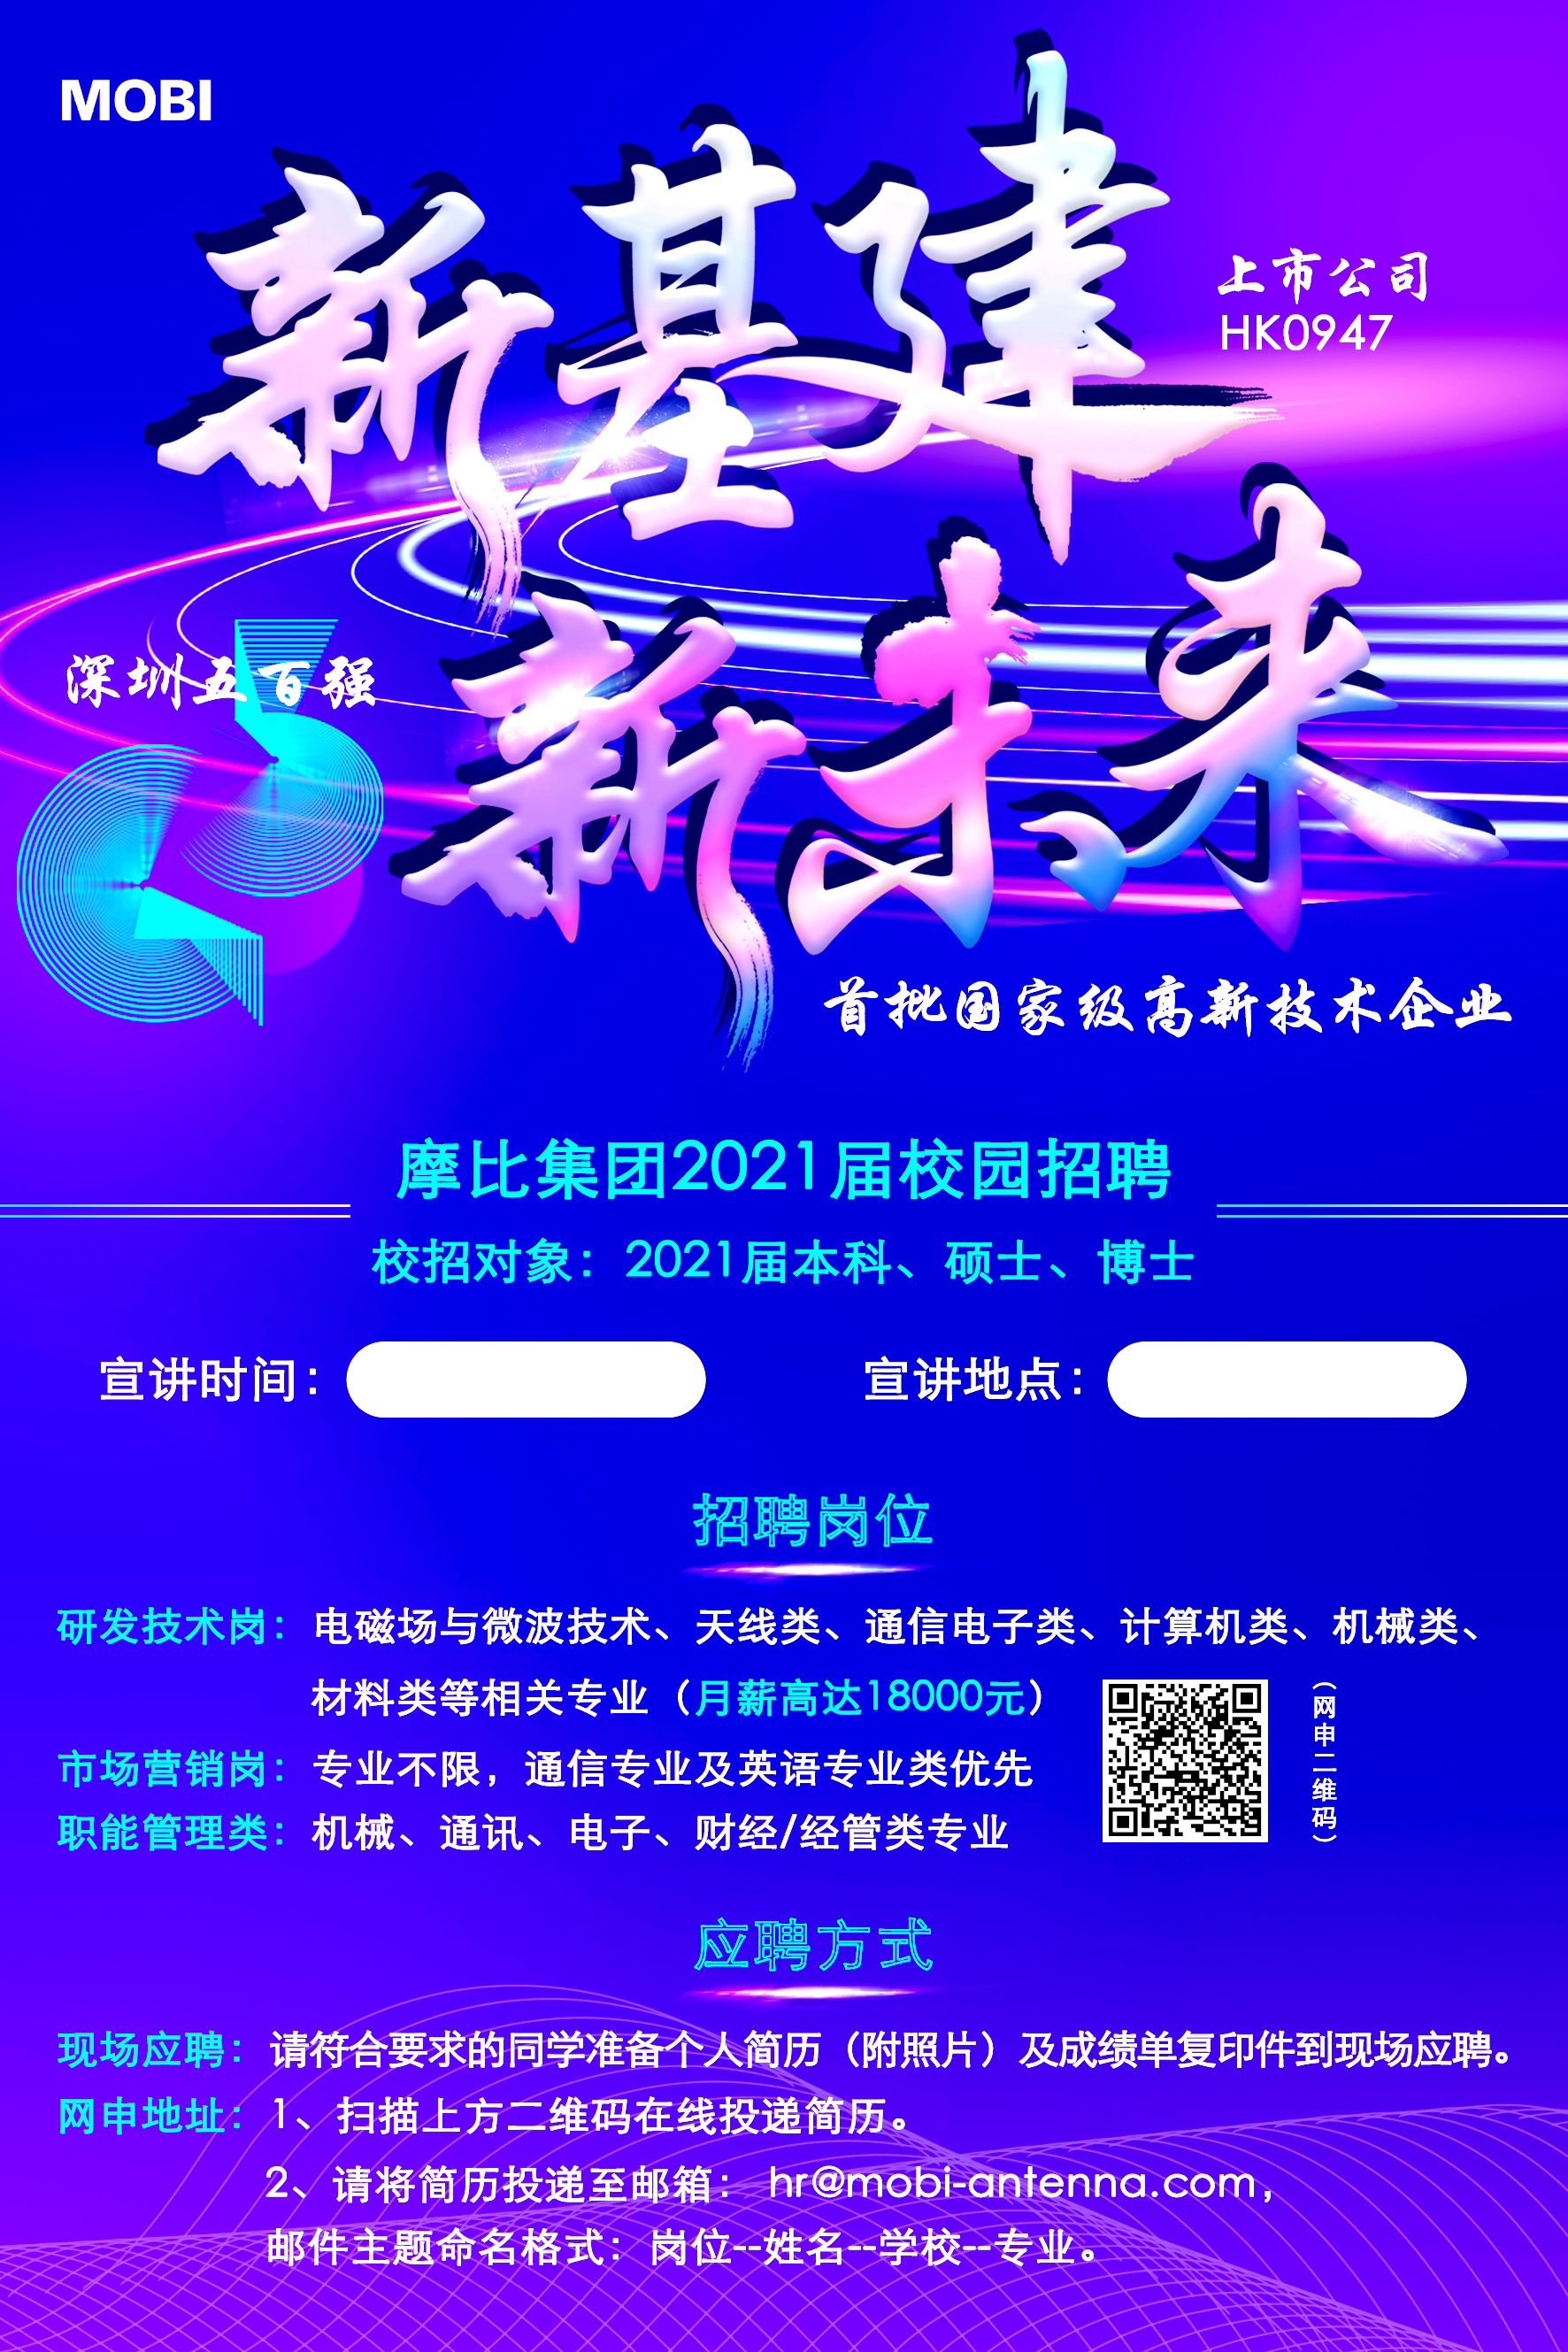 摩比天线技术(深圳)有限公司宣讲会